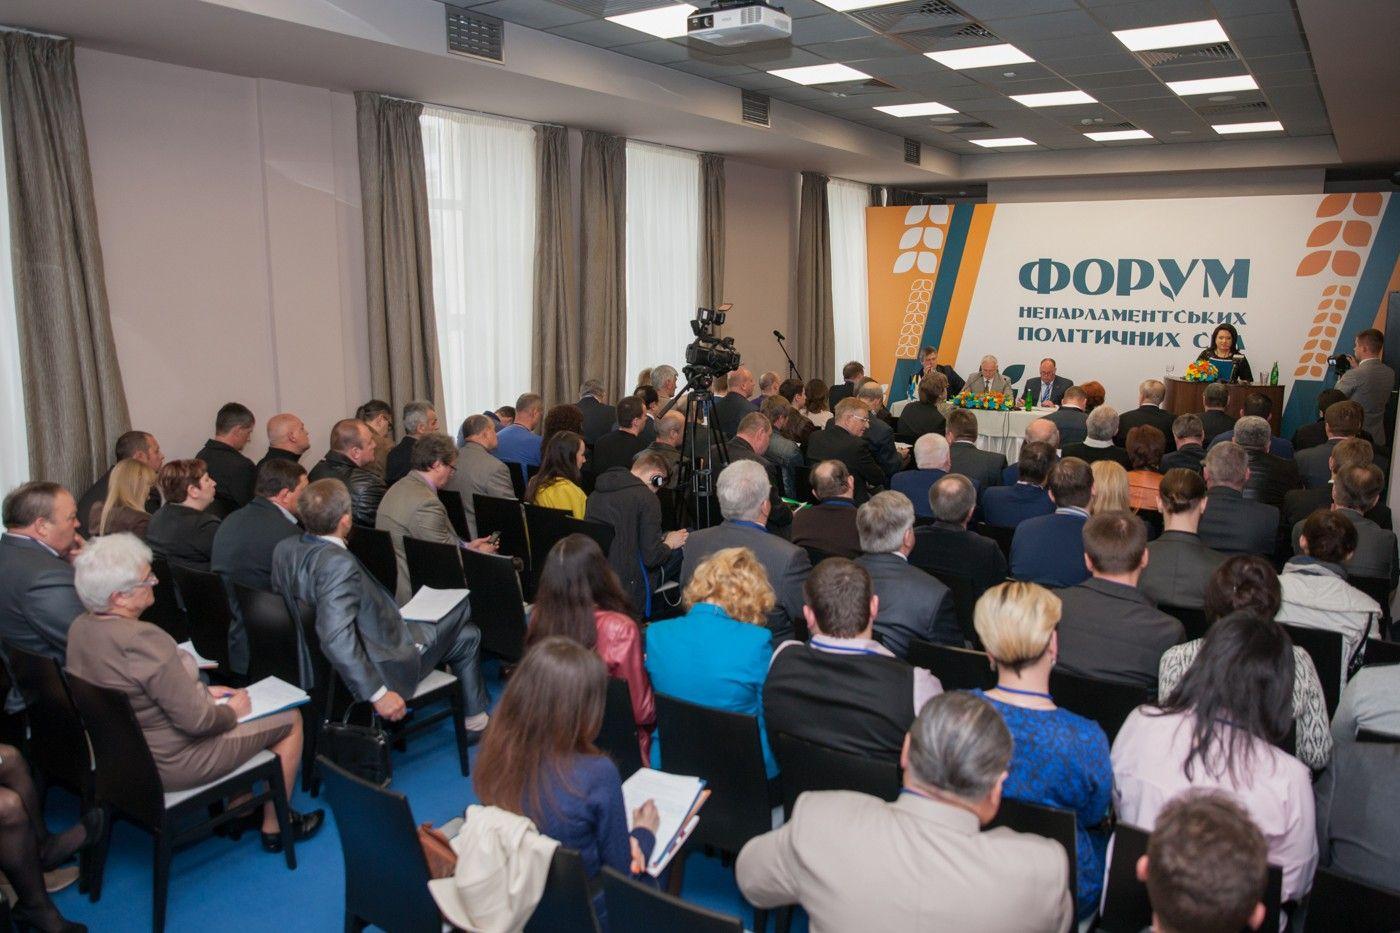 Партія місцевого самоврядування анонсувала створення Коаліції непарламентських політичних сил України